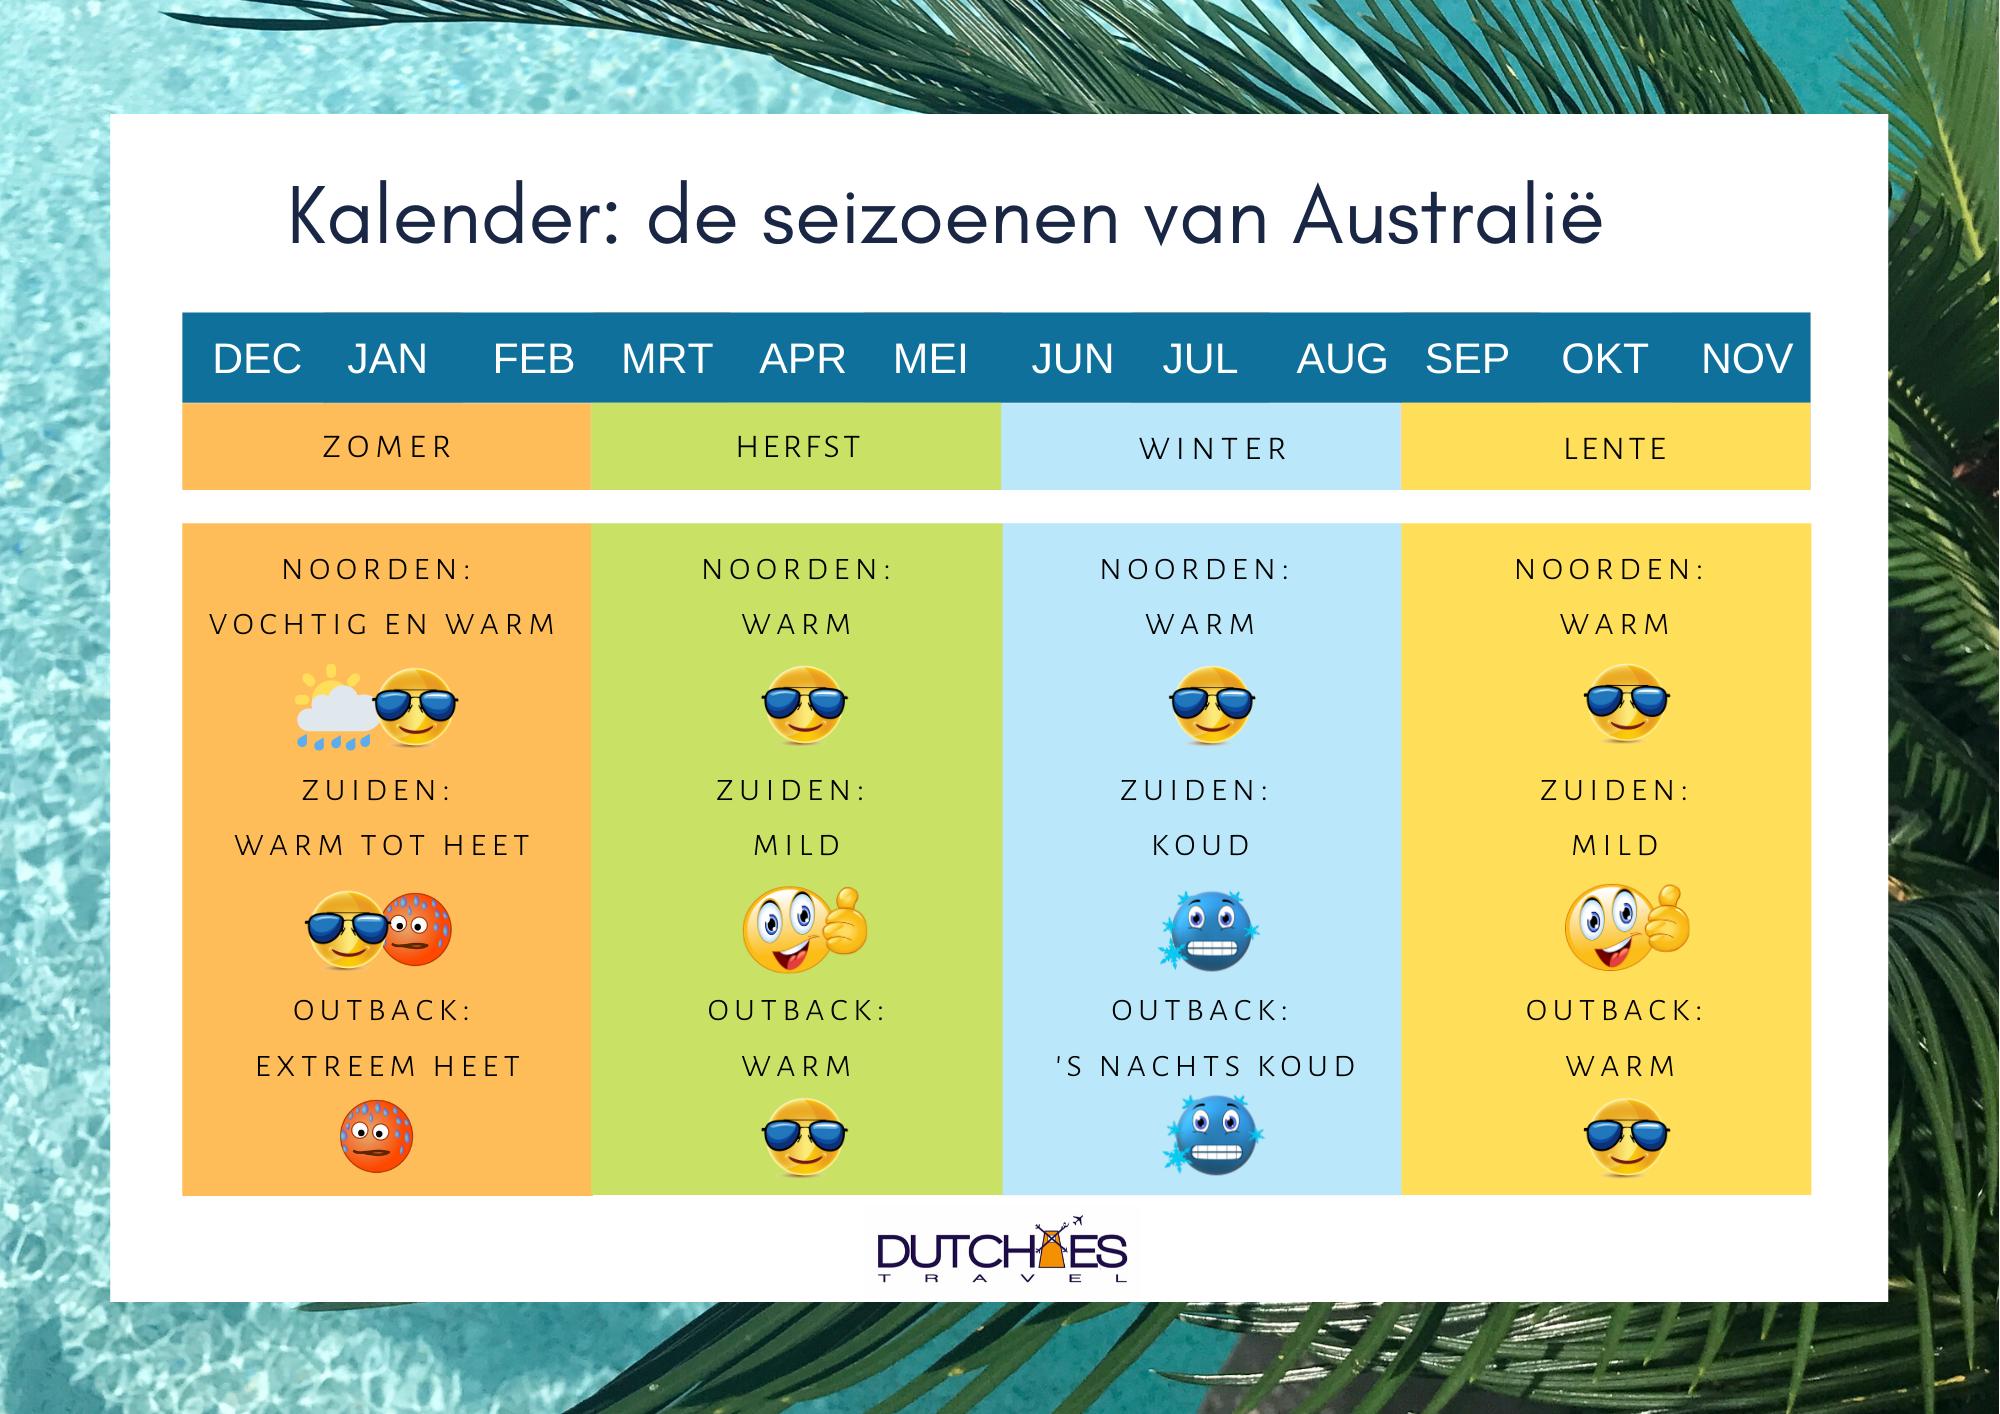 De seizoenen in Australie klimaat kaart kalender